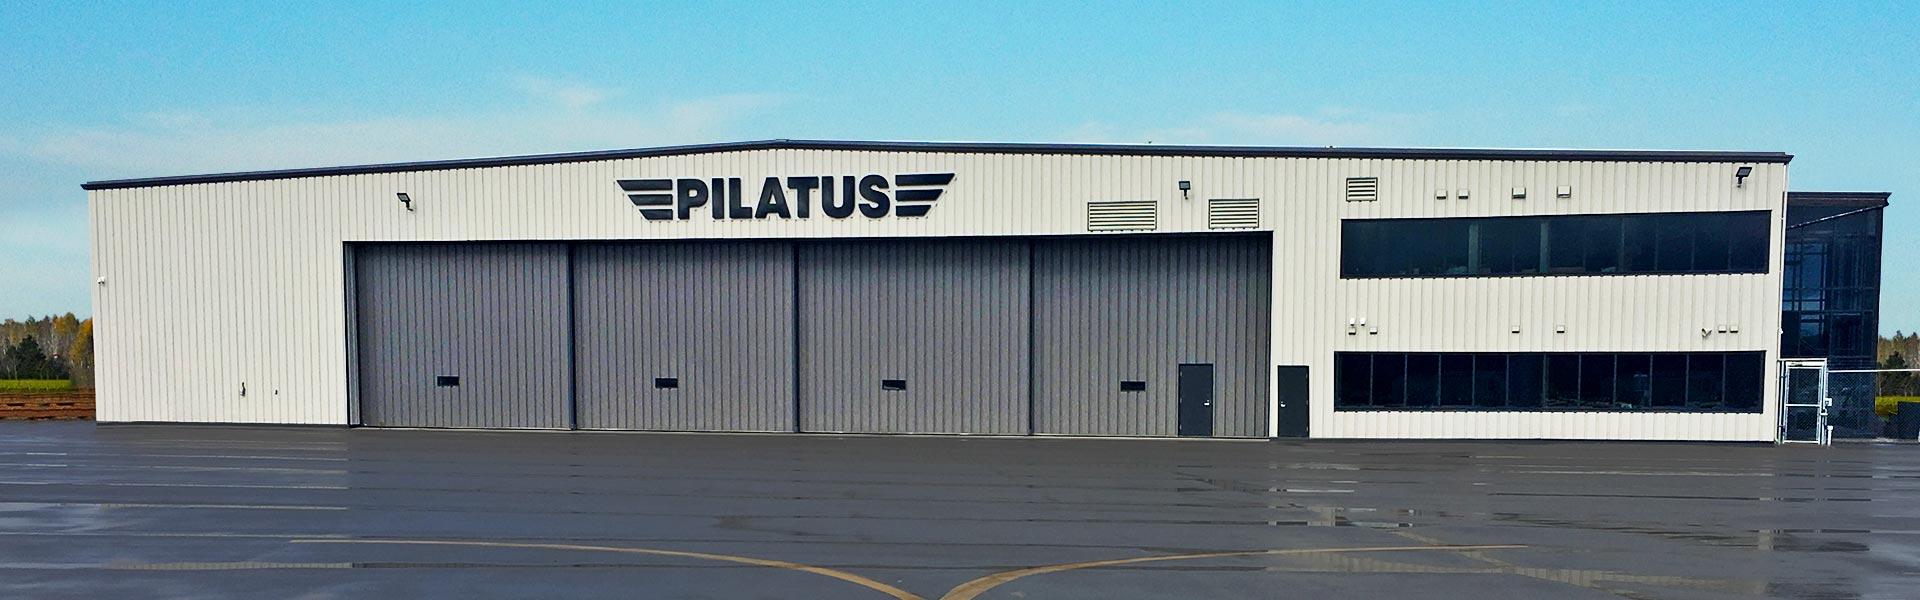 airplane hangar canada